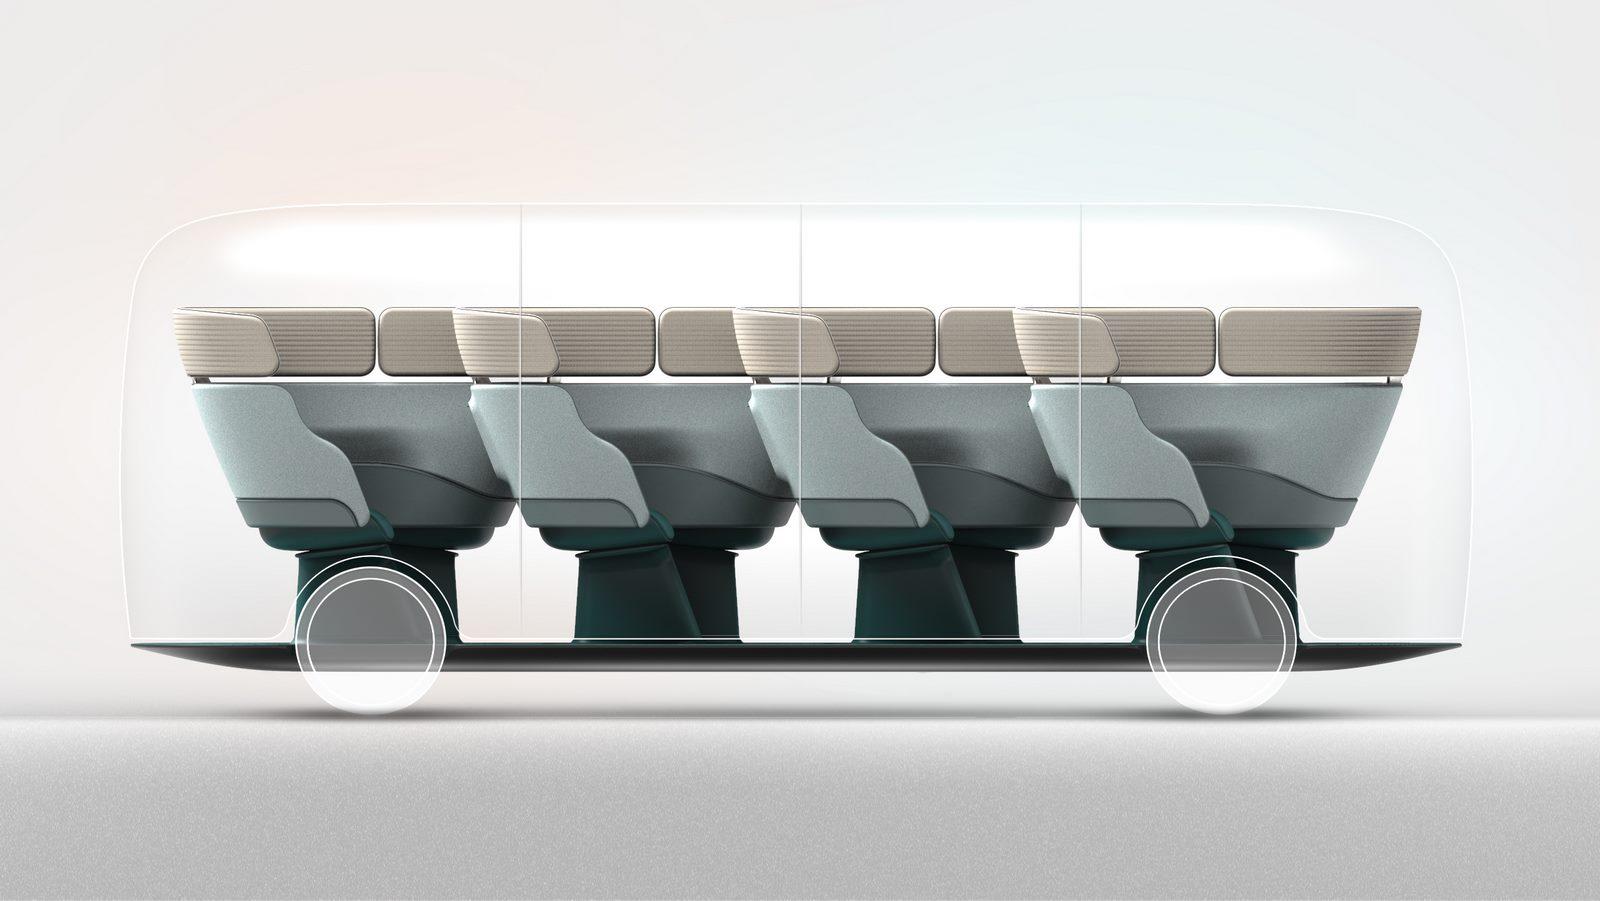 Joyn, el transporte del futuro diseñado por Layer 1